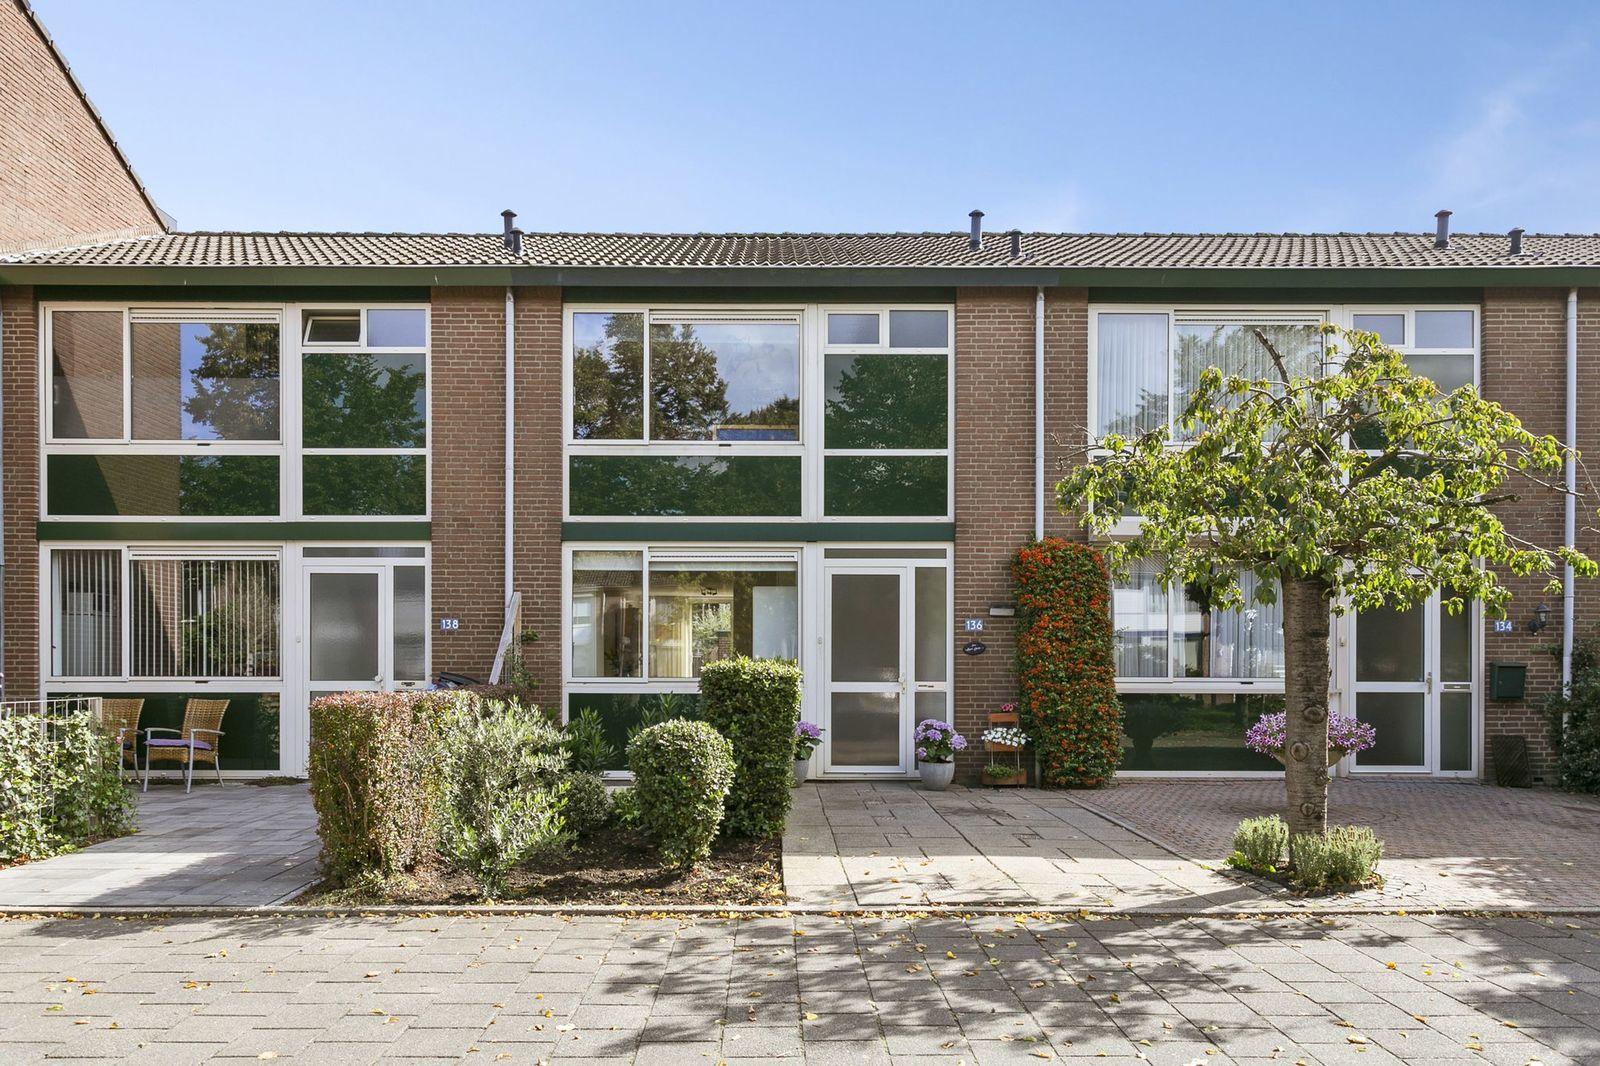 Buitenpepersdreef 136, 's-hertogenbosch